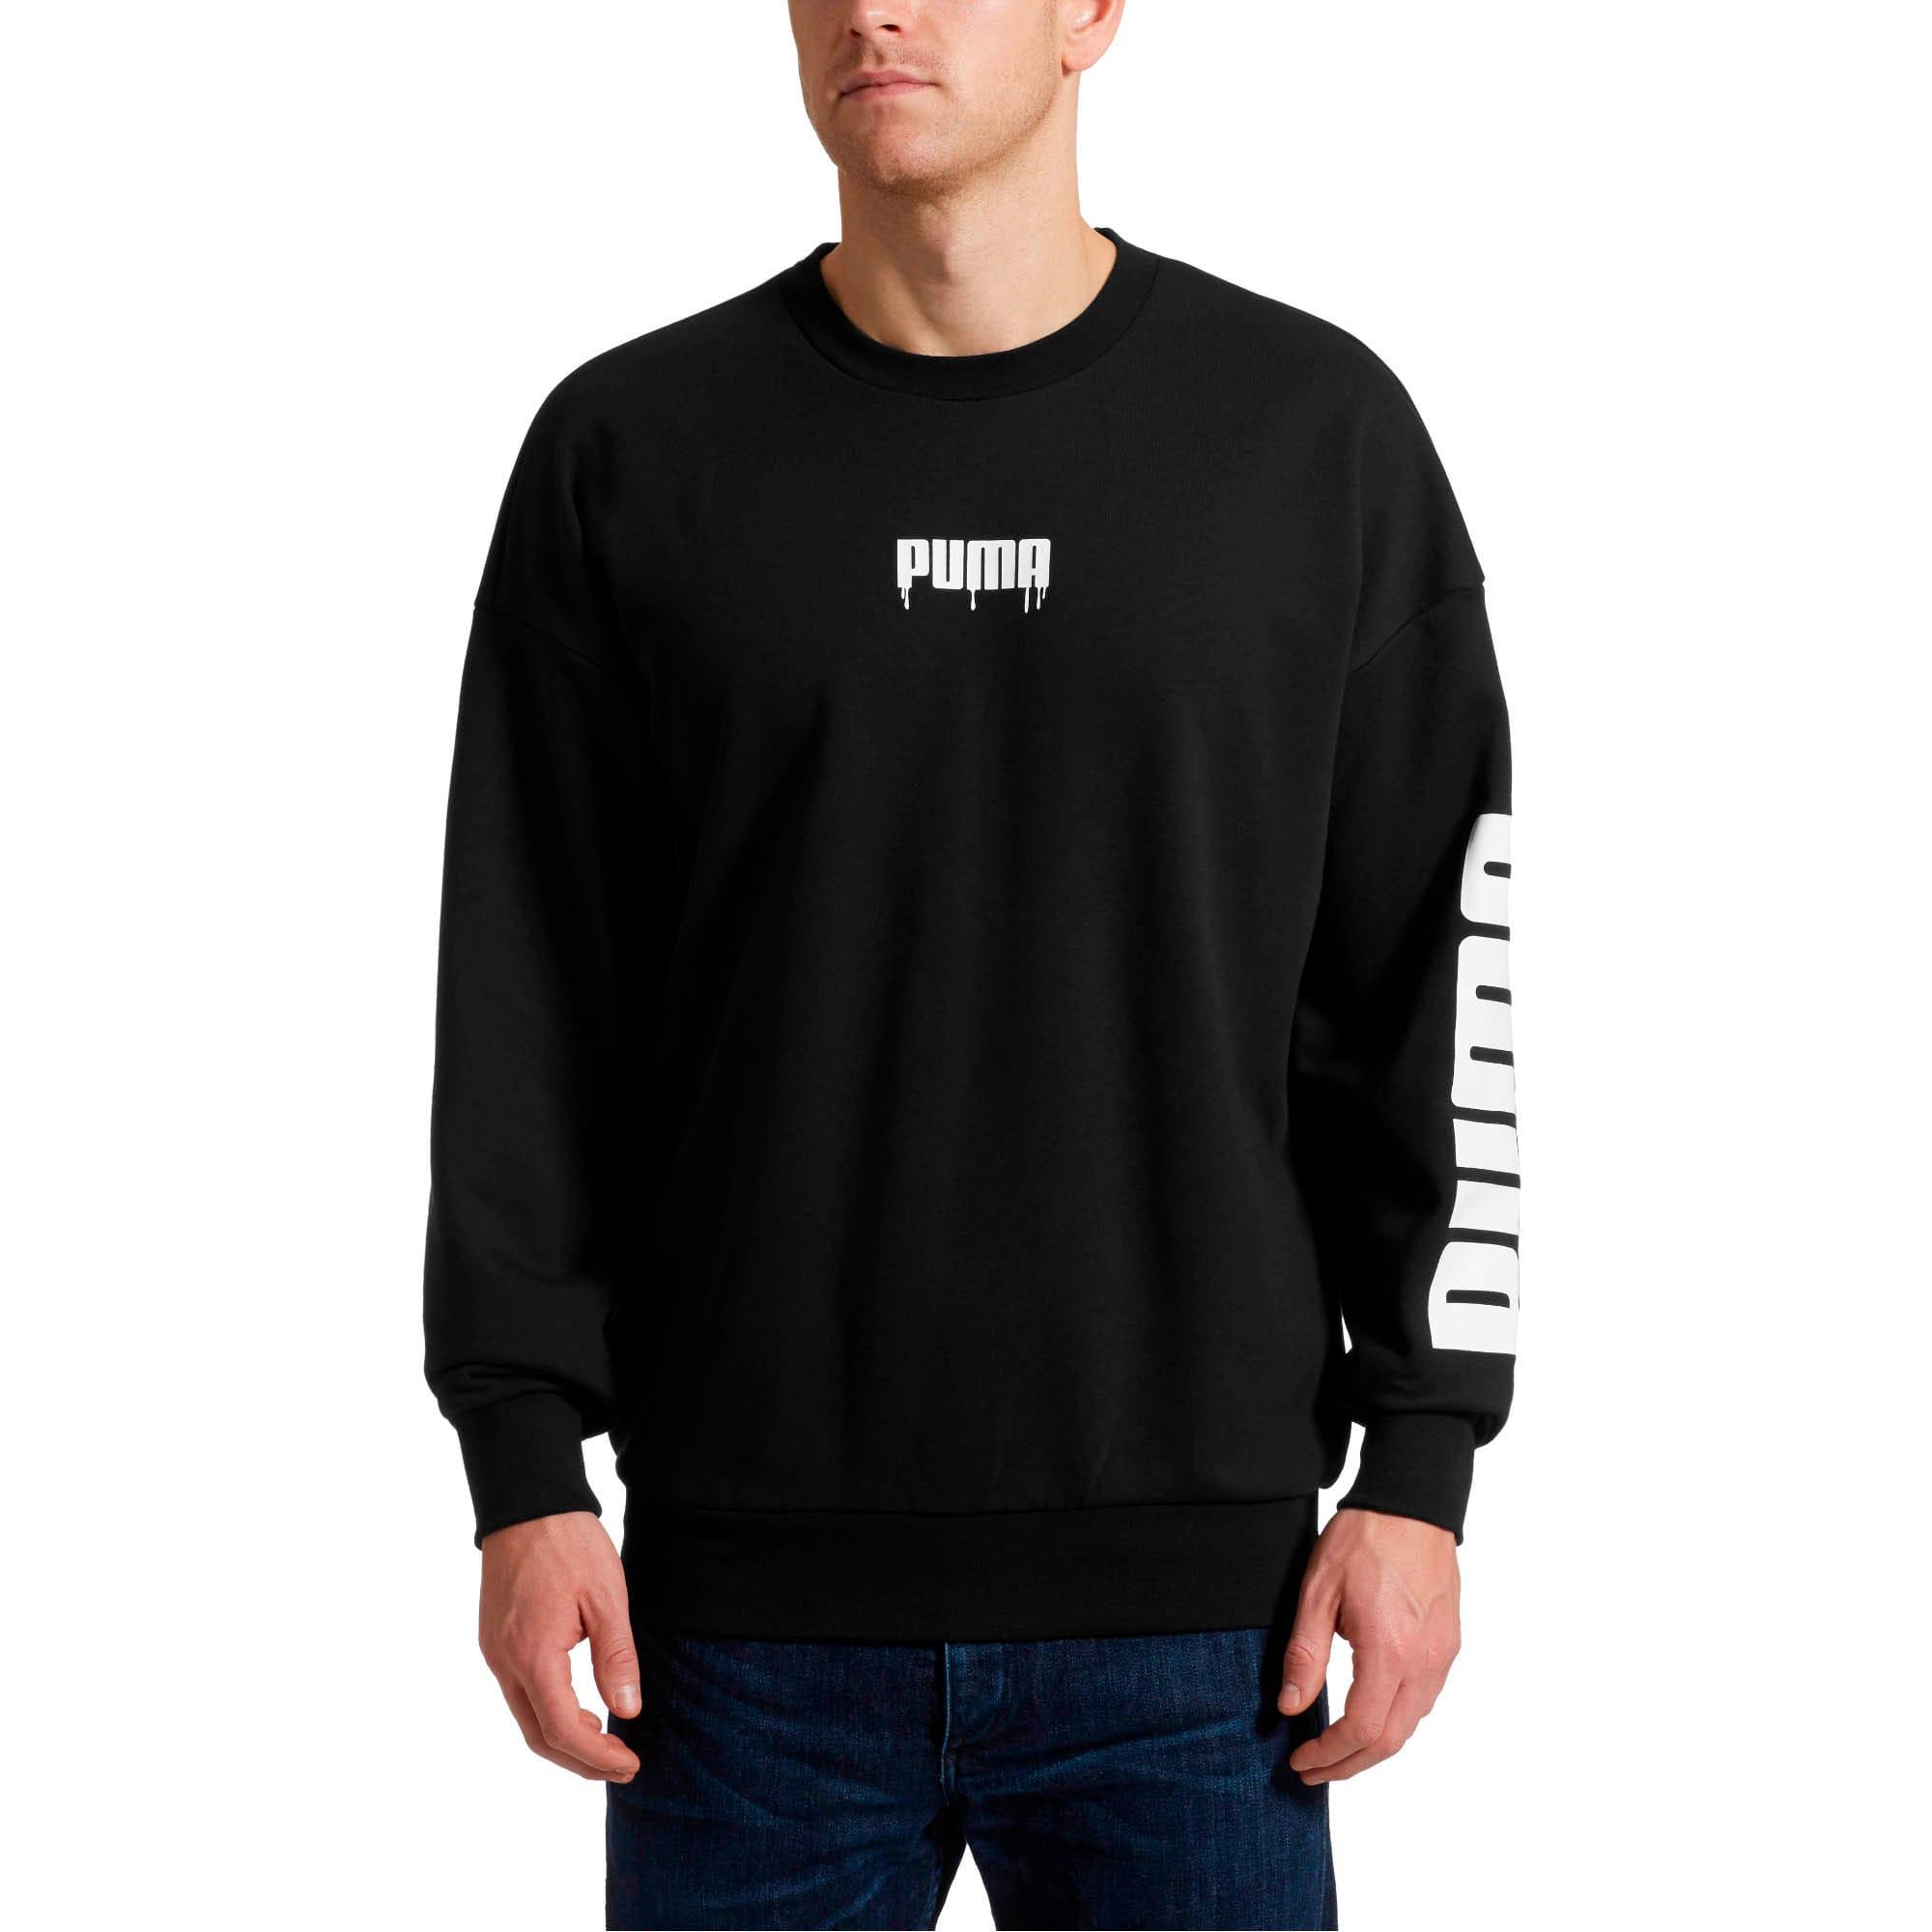 Thumbnail 2 of SUPER PUMA Sound Men's Crewneck Sweatshirt, Puma Black, medium